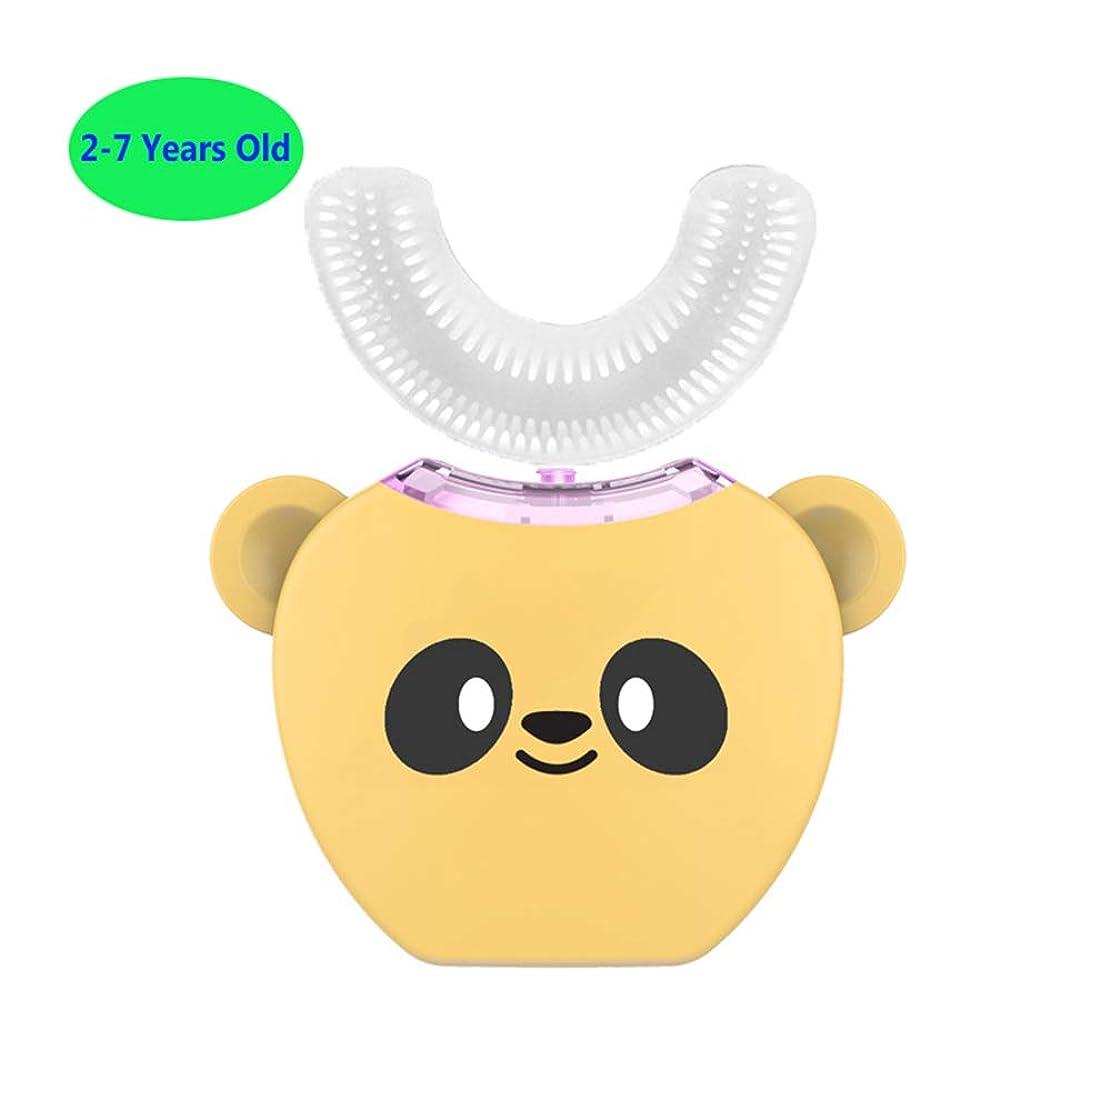 割合めまいが保証子供のためのフルオートの電動歯ブラシ、360°超音波電動歯ブラシ、冷光、美白装置、自動歯ブラシ、ワイヤレス充電ドック,Yellow,2/7Years